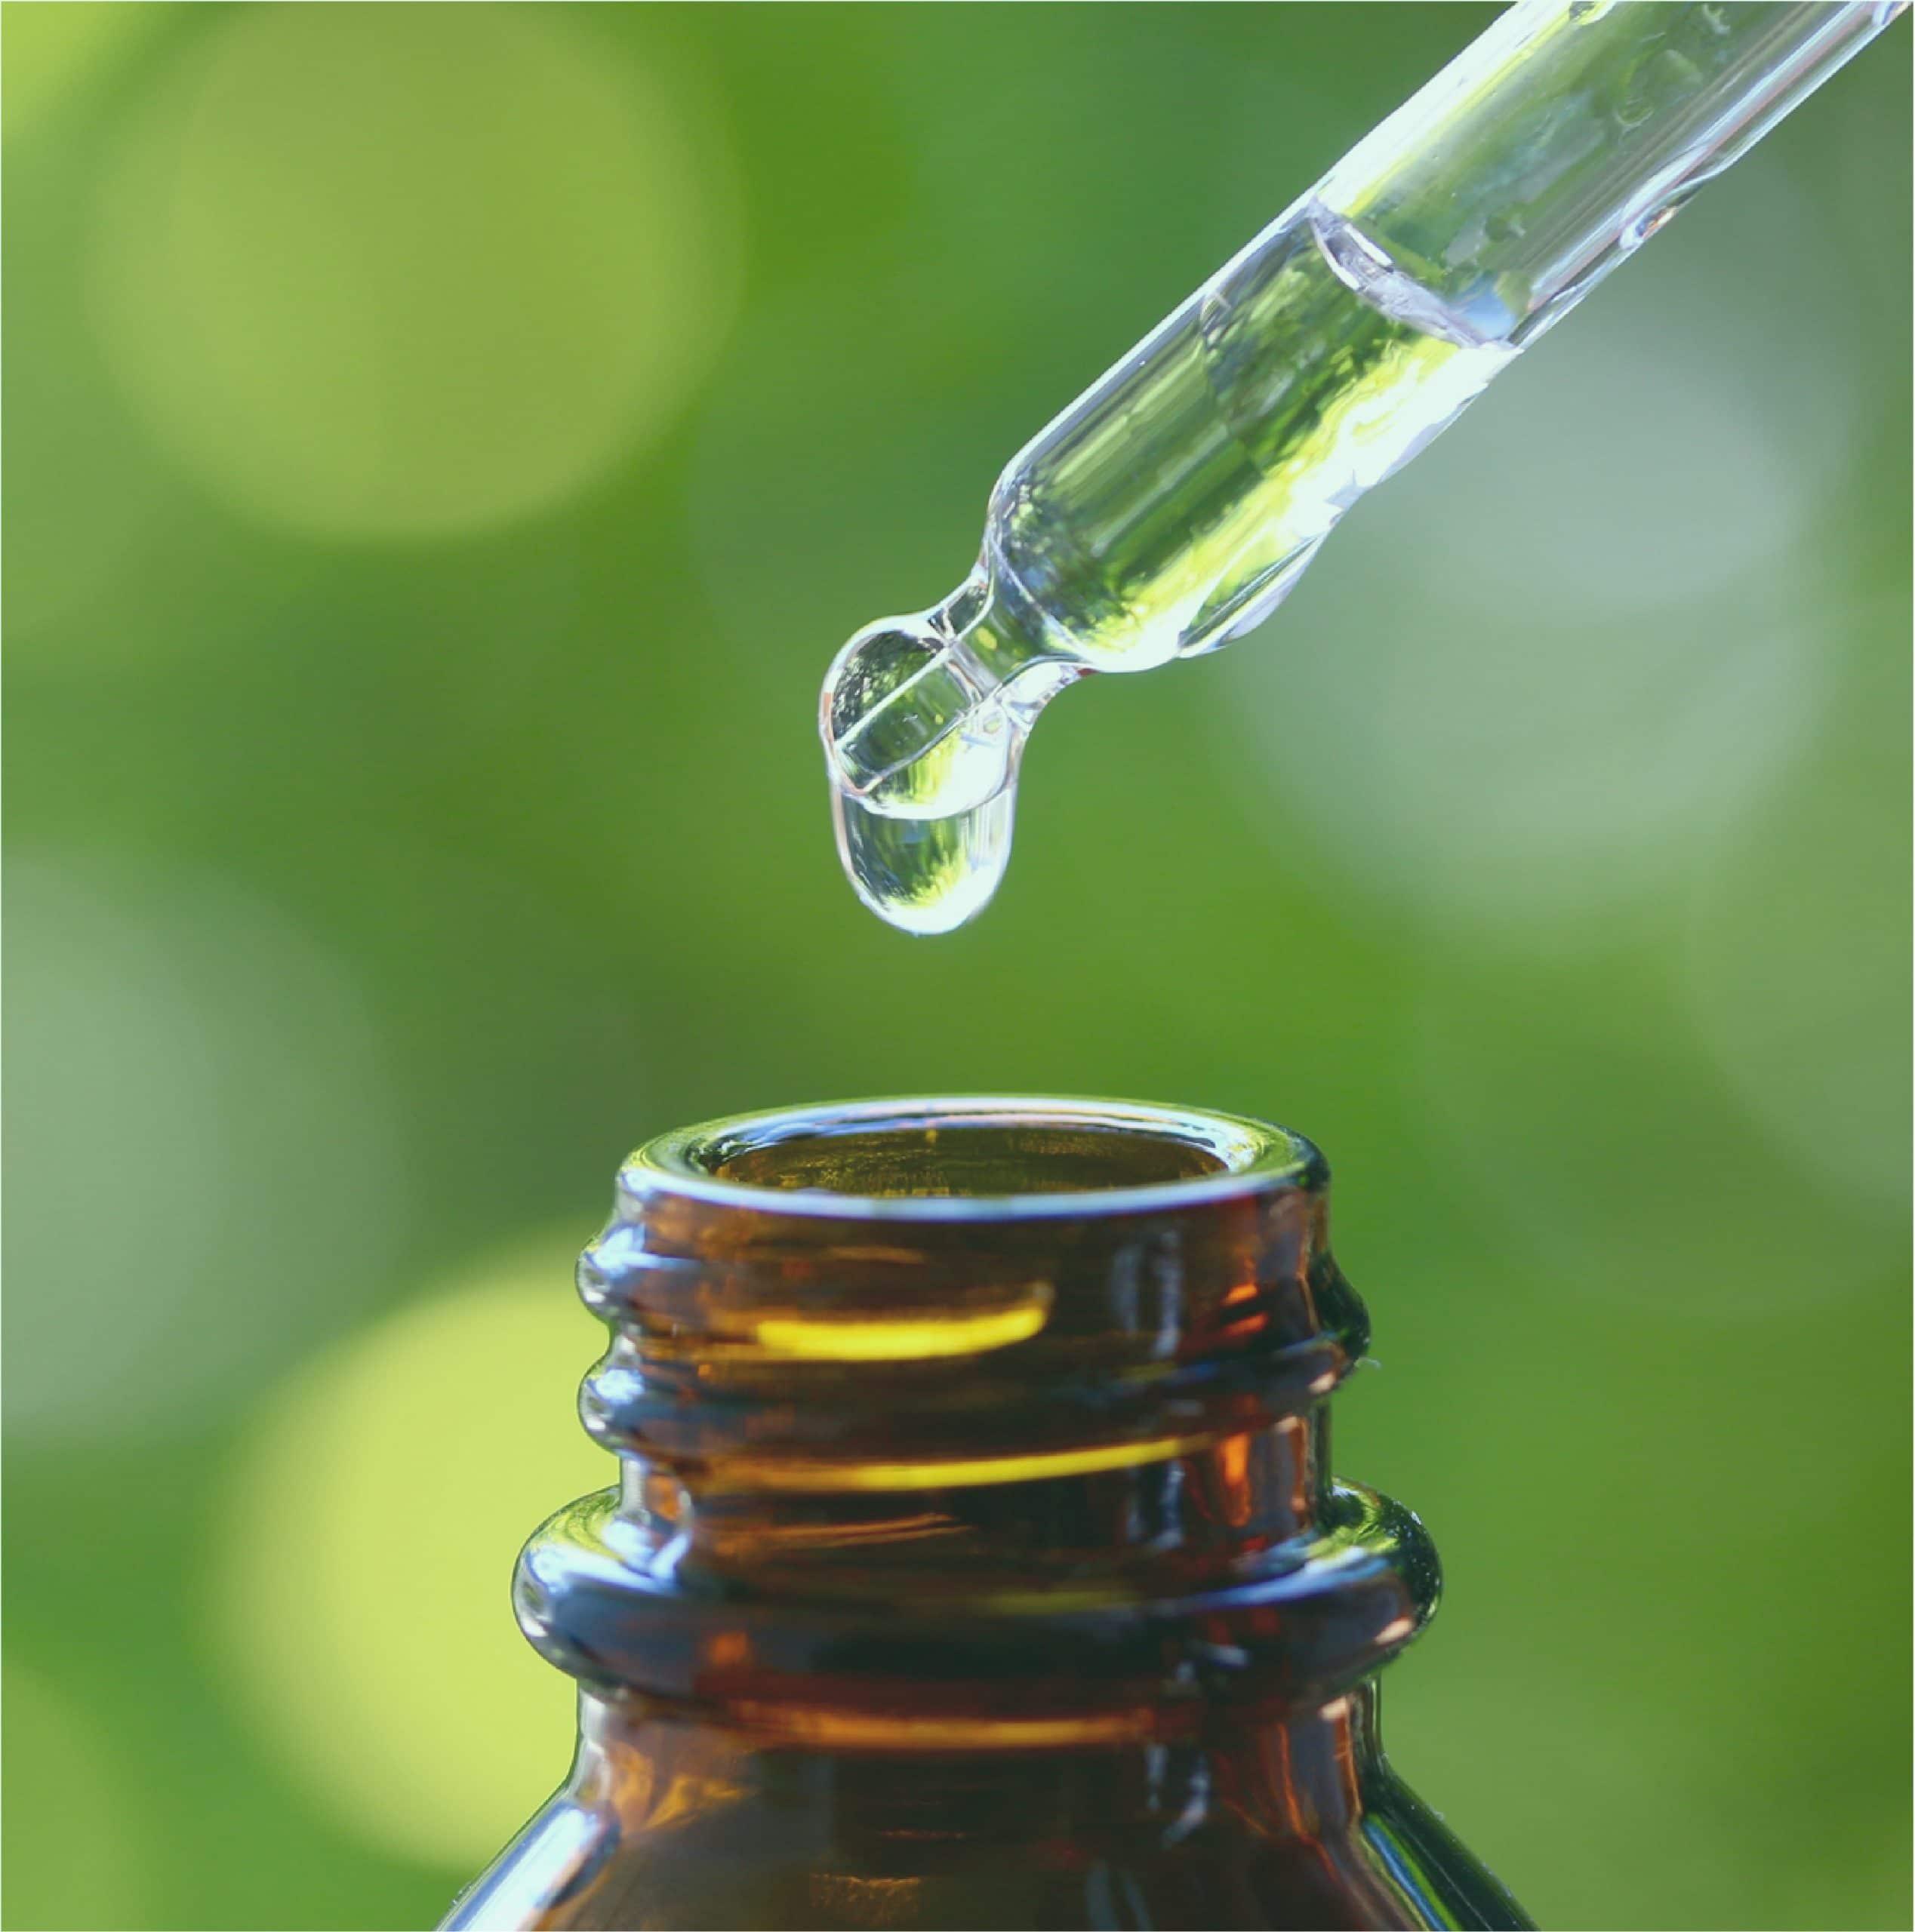 gota de aceite esencial cayendo en frasco